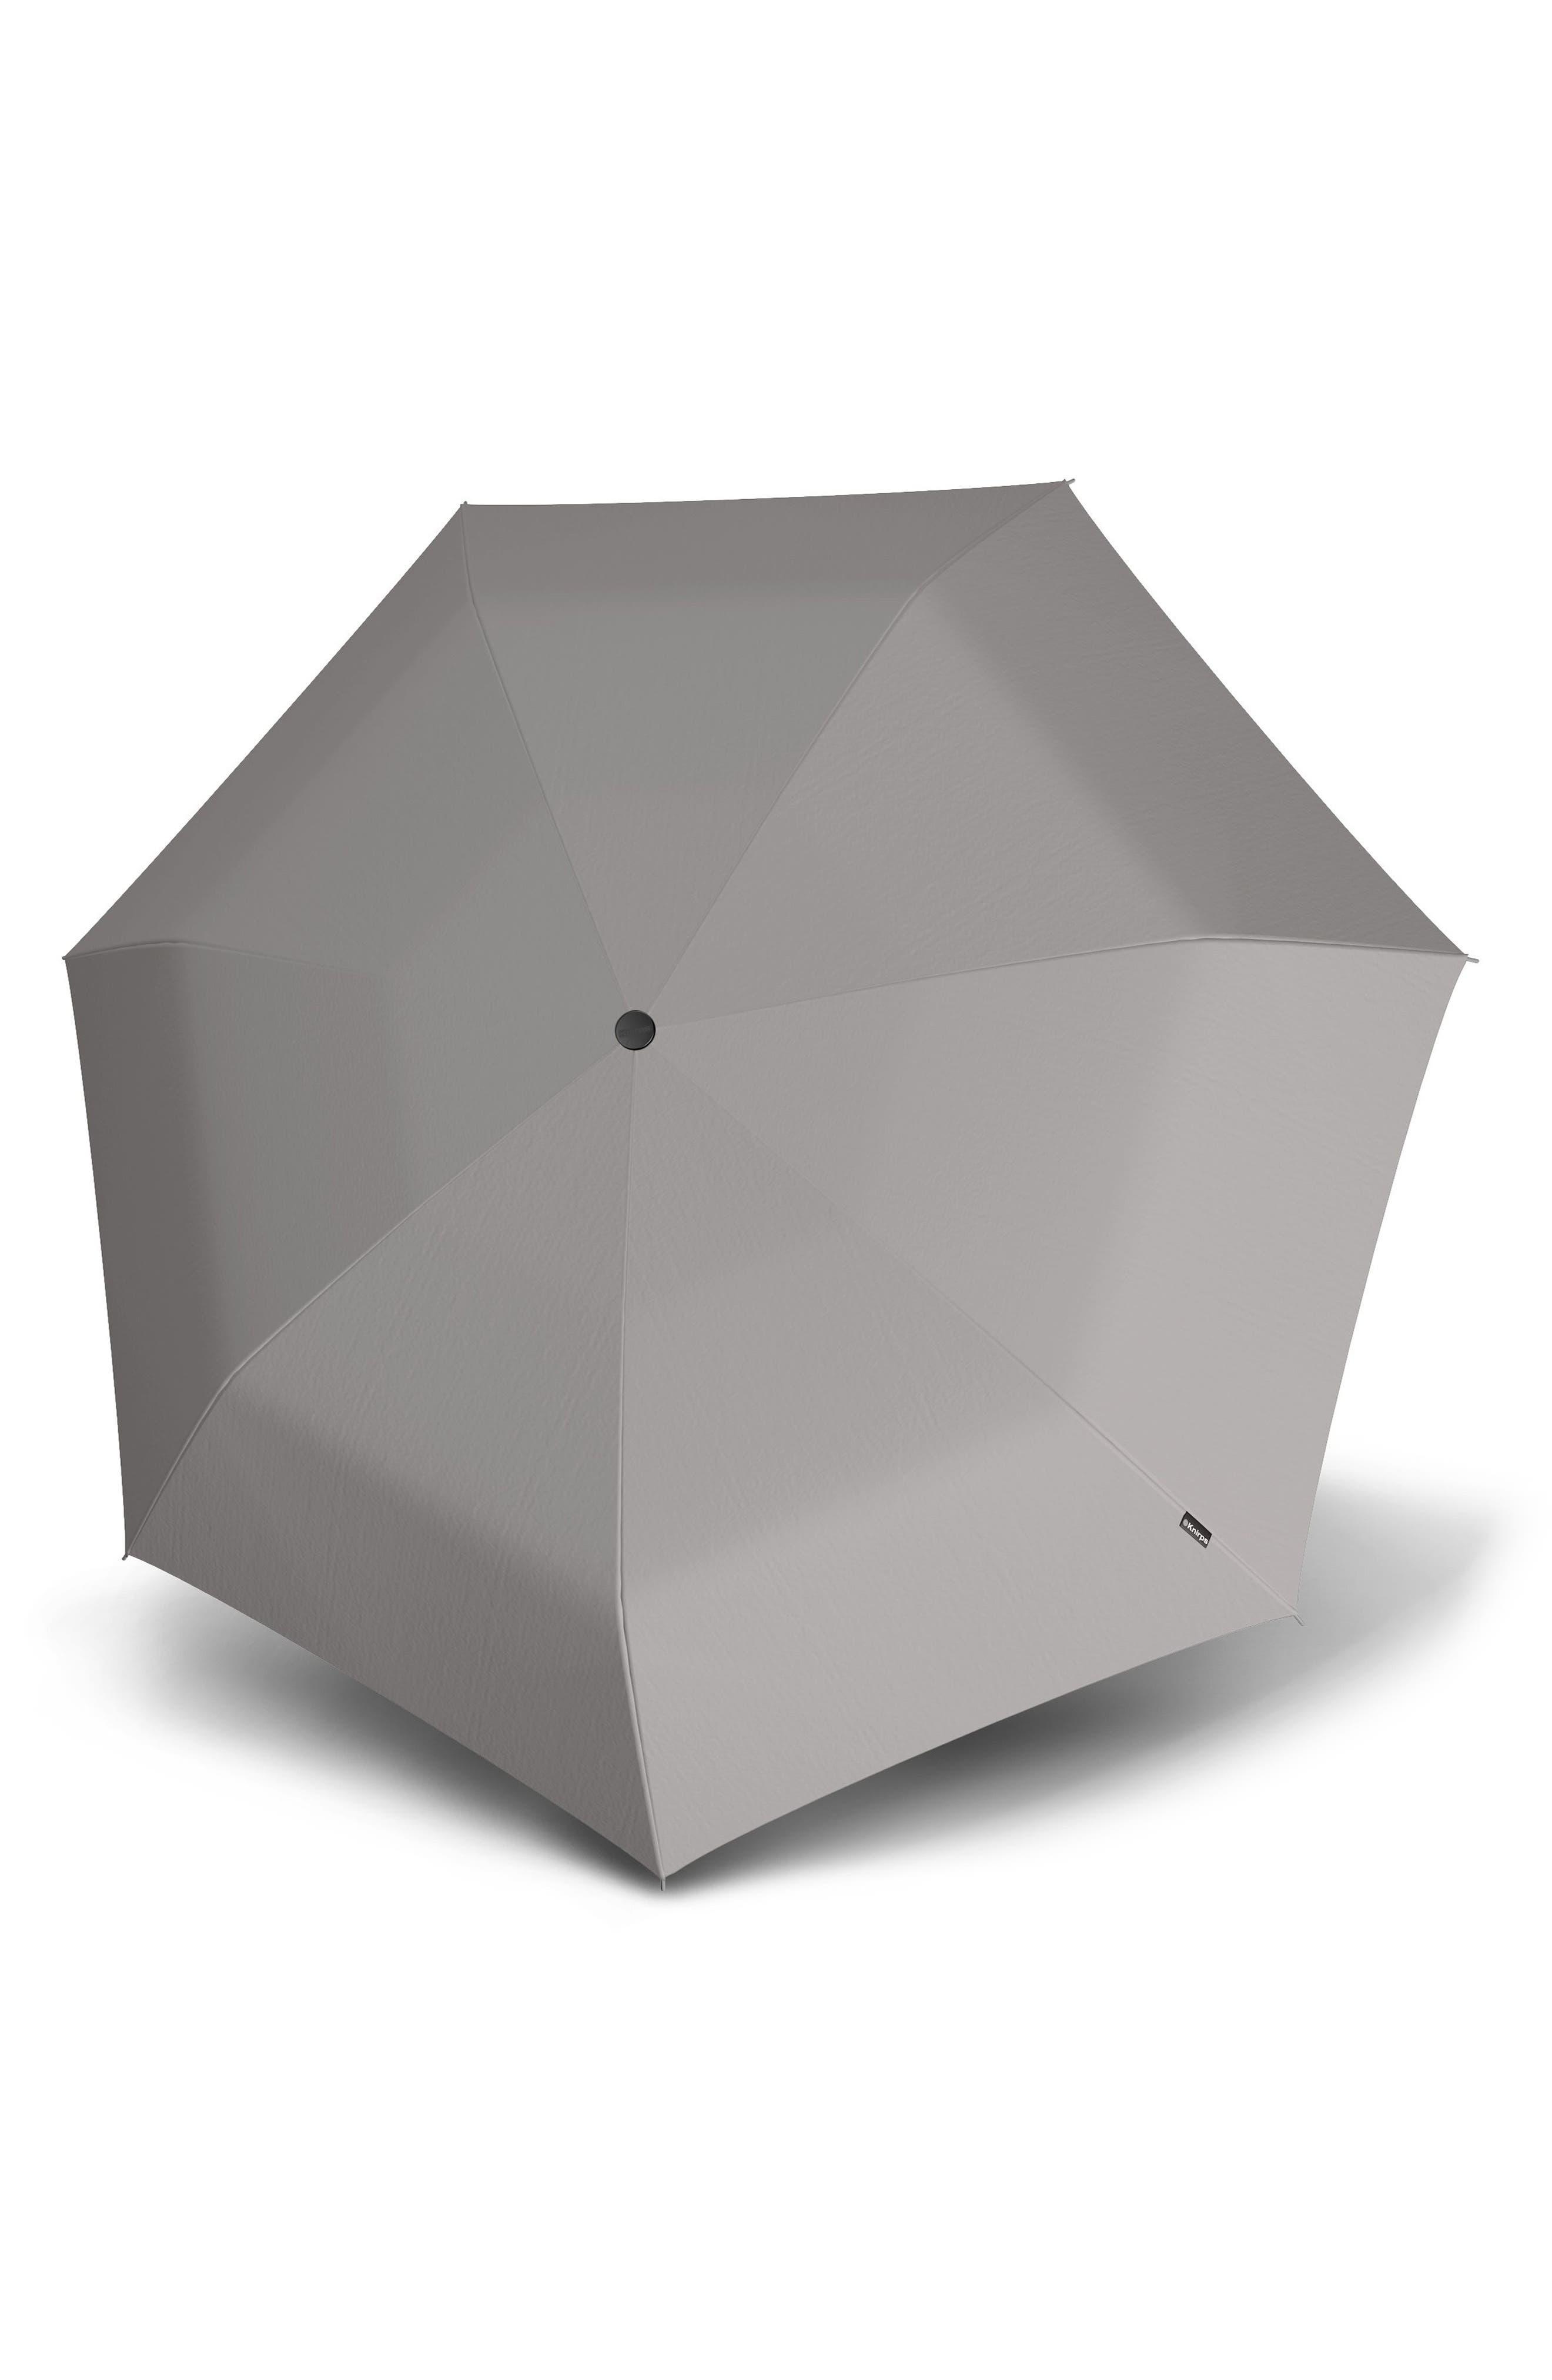 Knirps T2 Duomatic Compact Auto Open/Close Umbrella